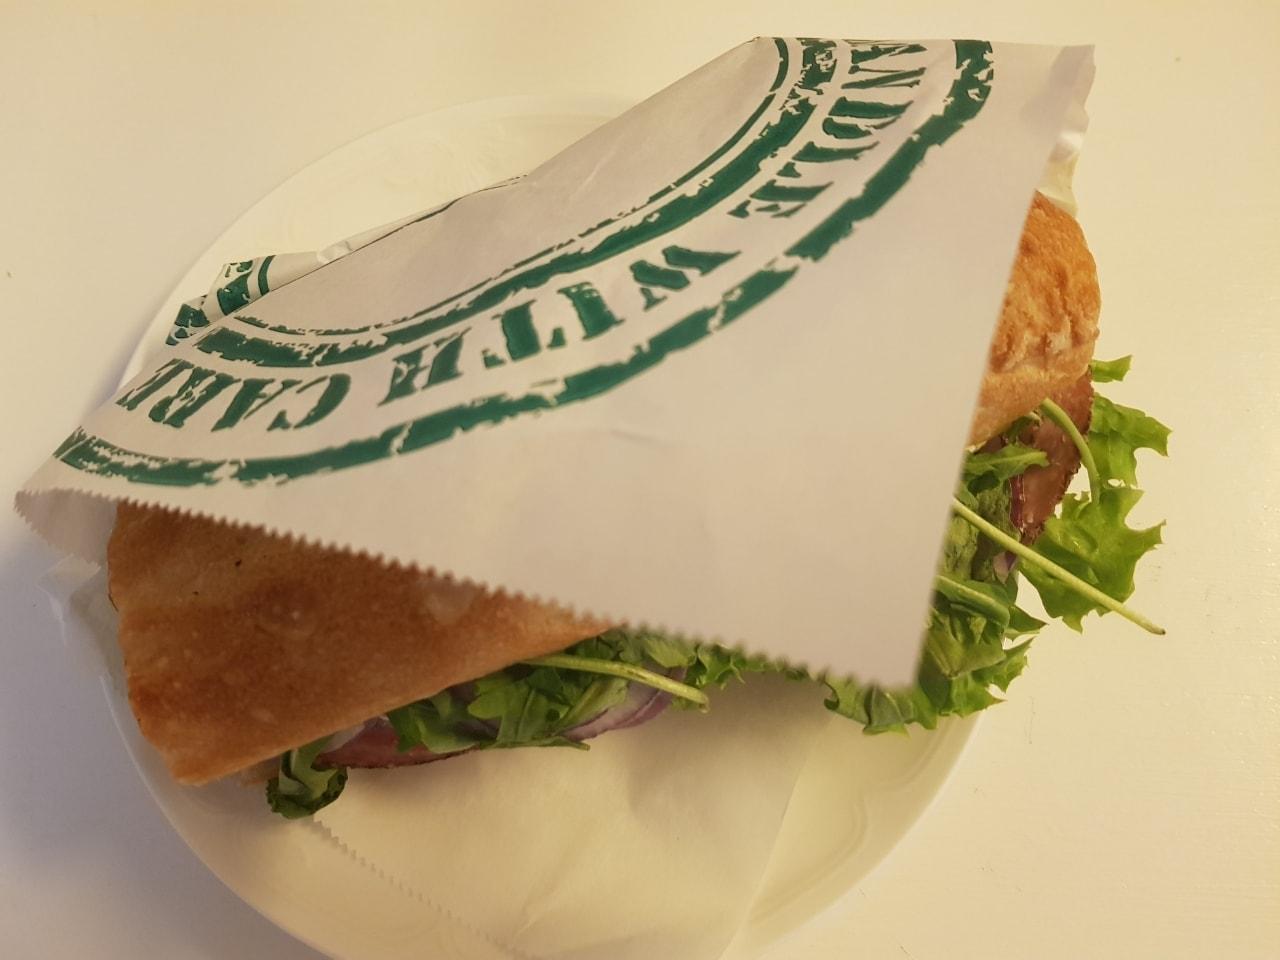 Chicken sandwich from Stories